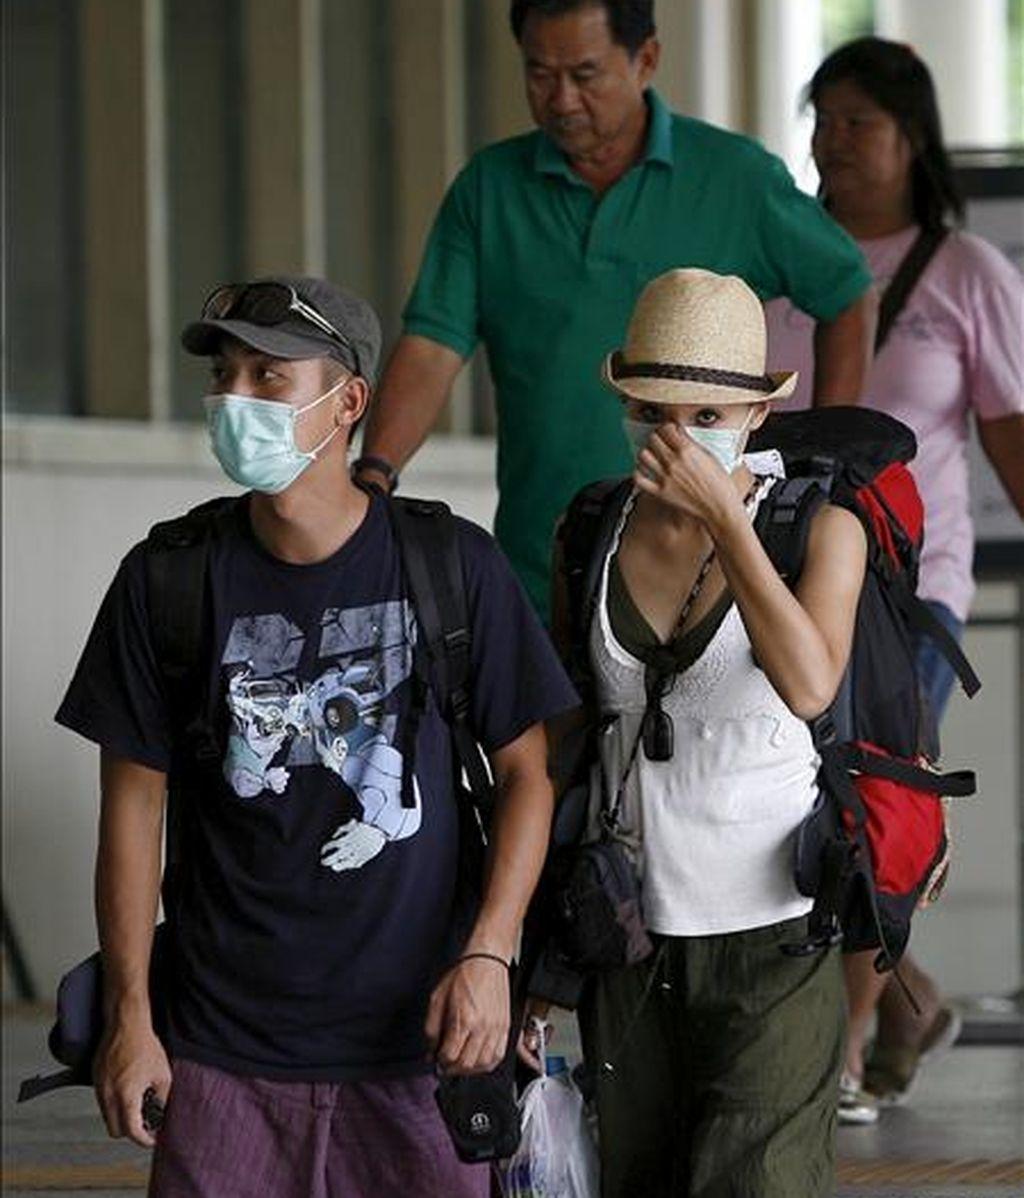 Dos turistas con máscaras caminan por la estación de tren de Bangkok, Tailandia. EFE/Archivo